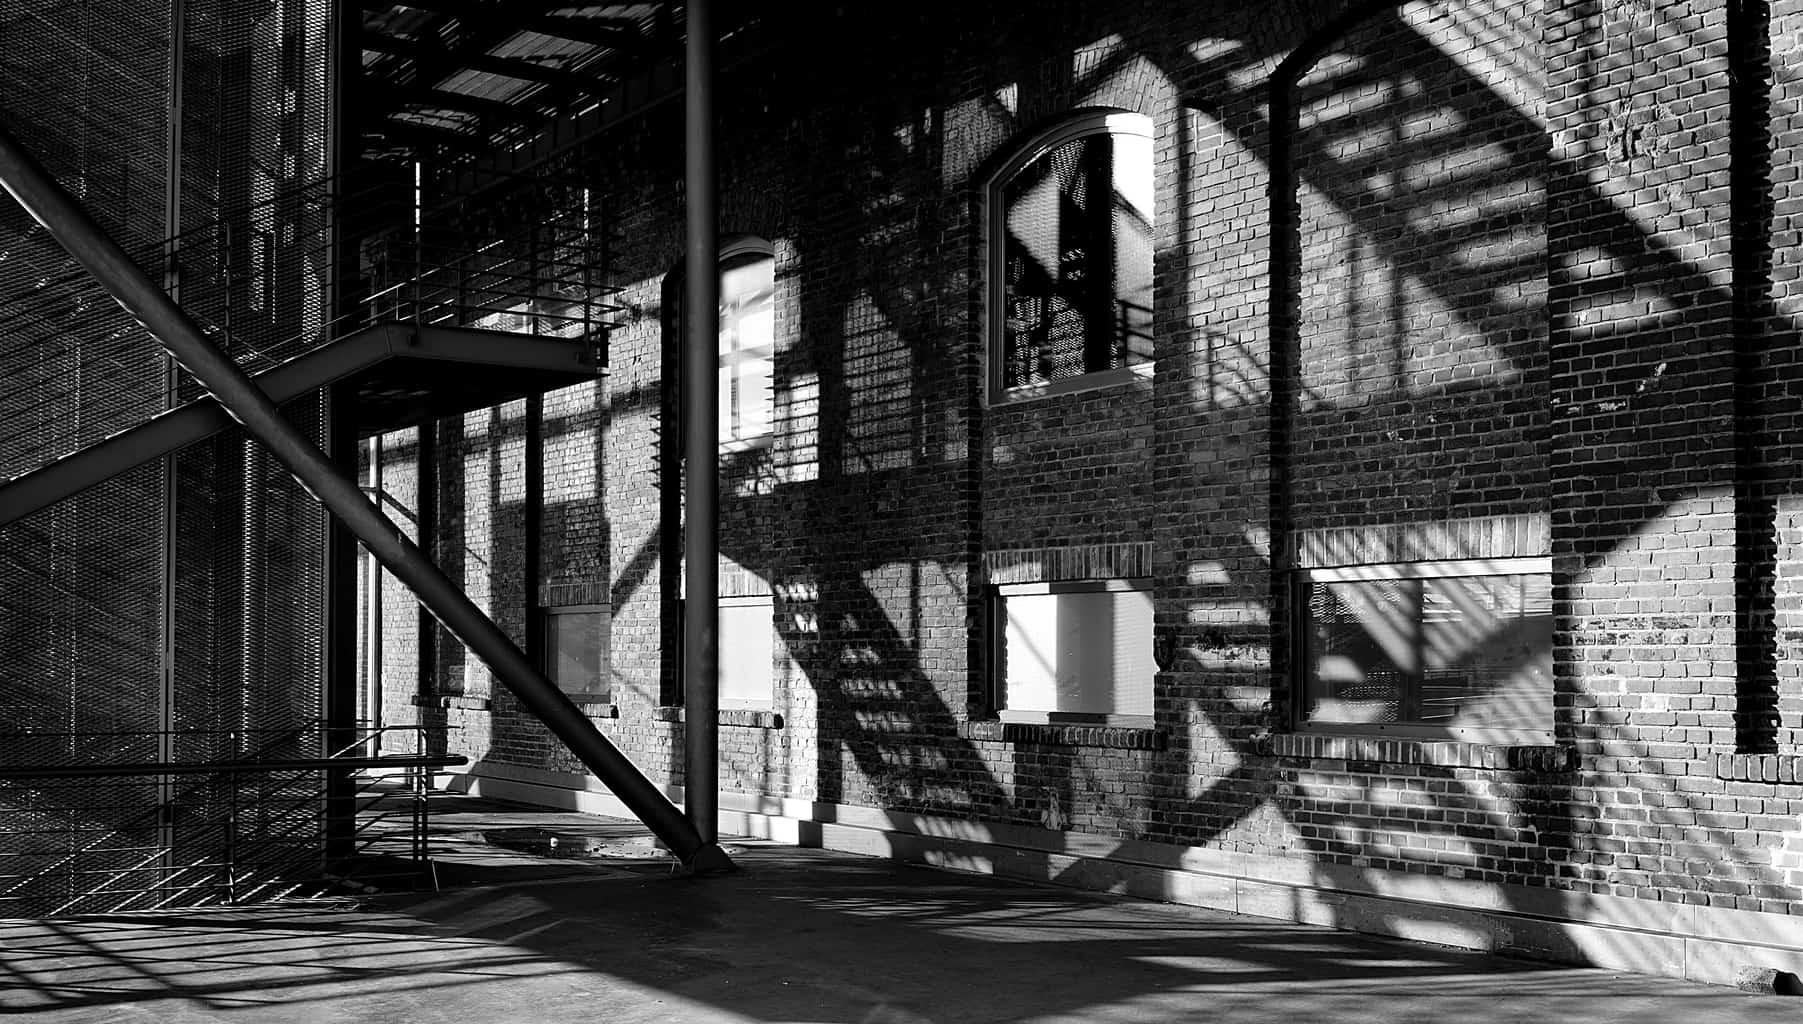 Schaduwspel in de Jahrhunderthalle in Bochum